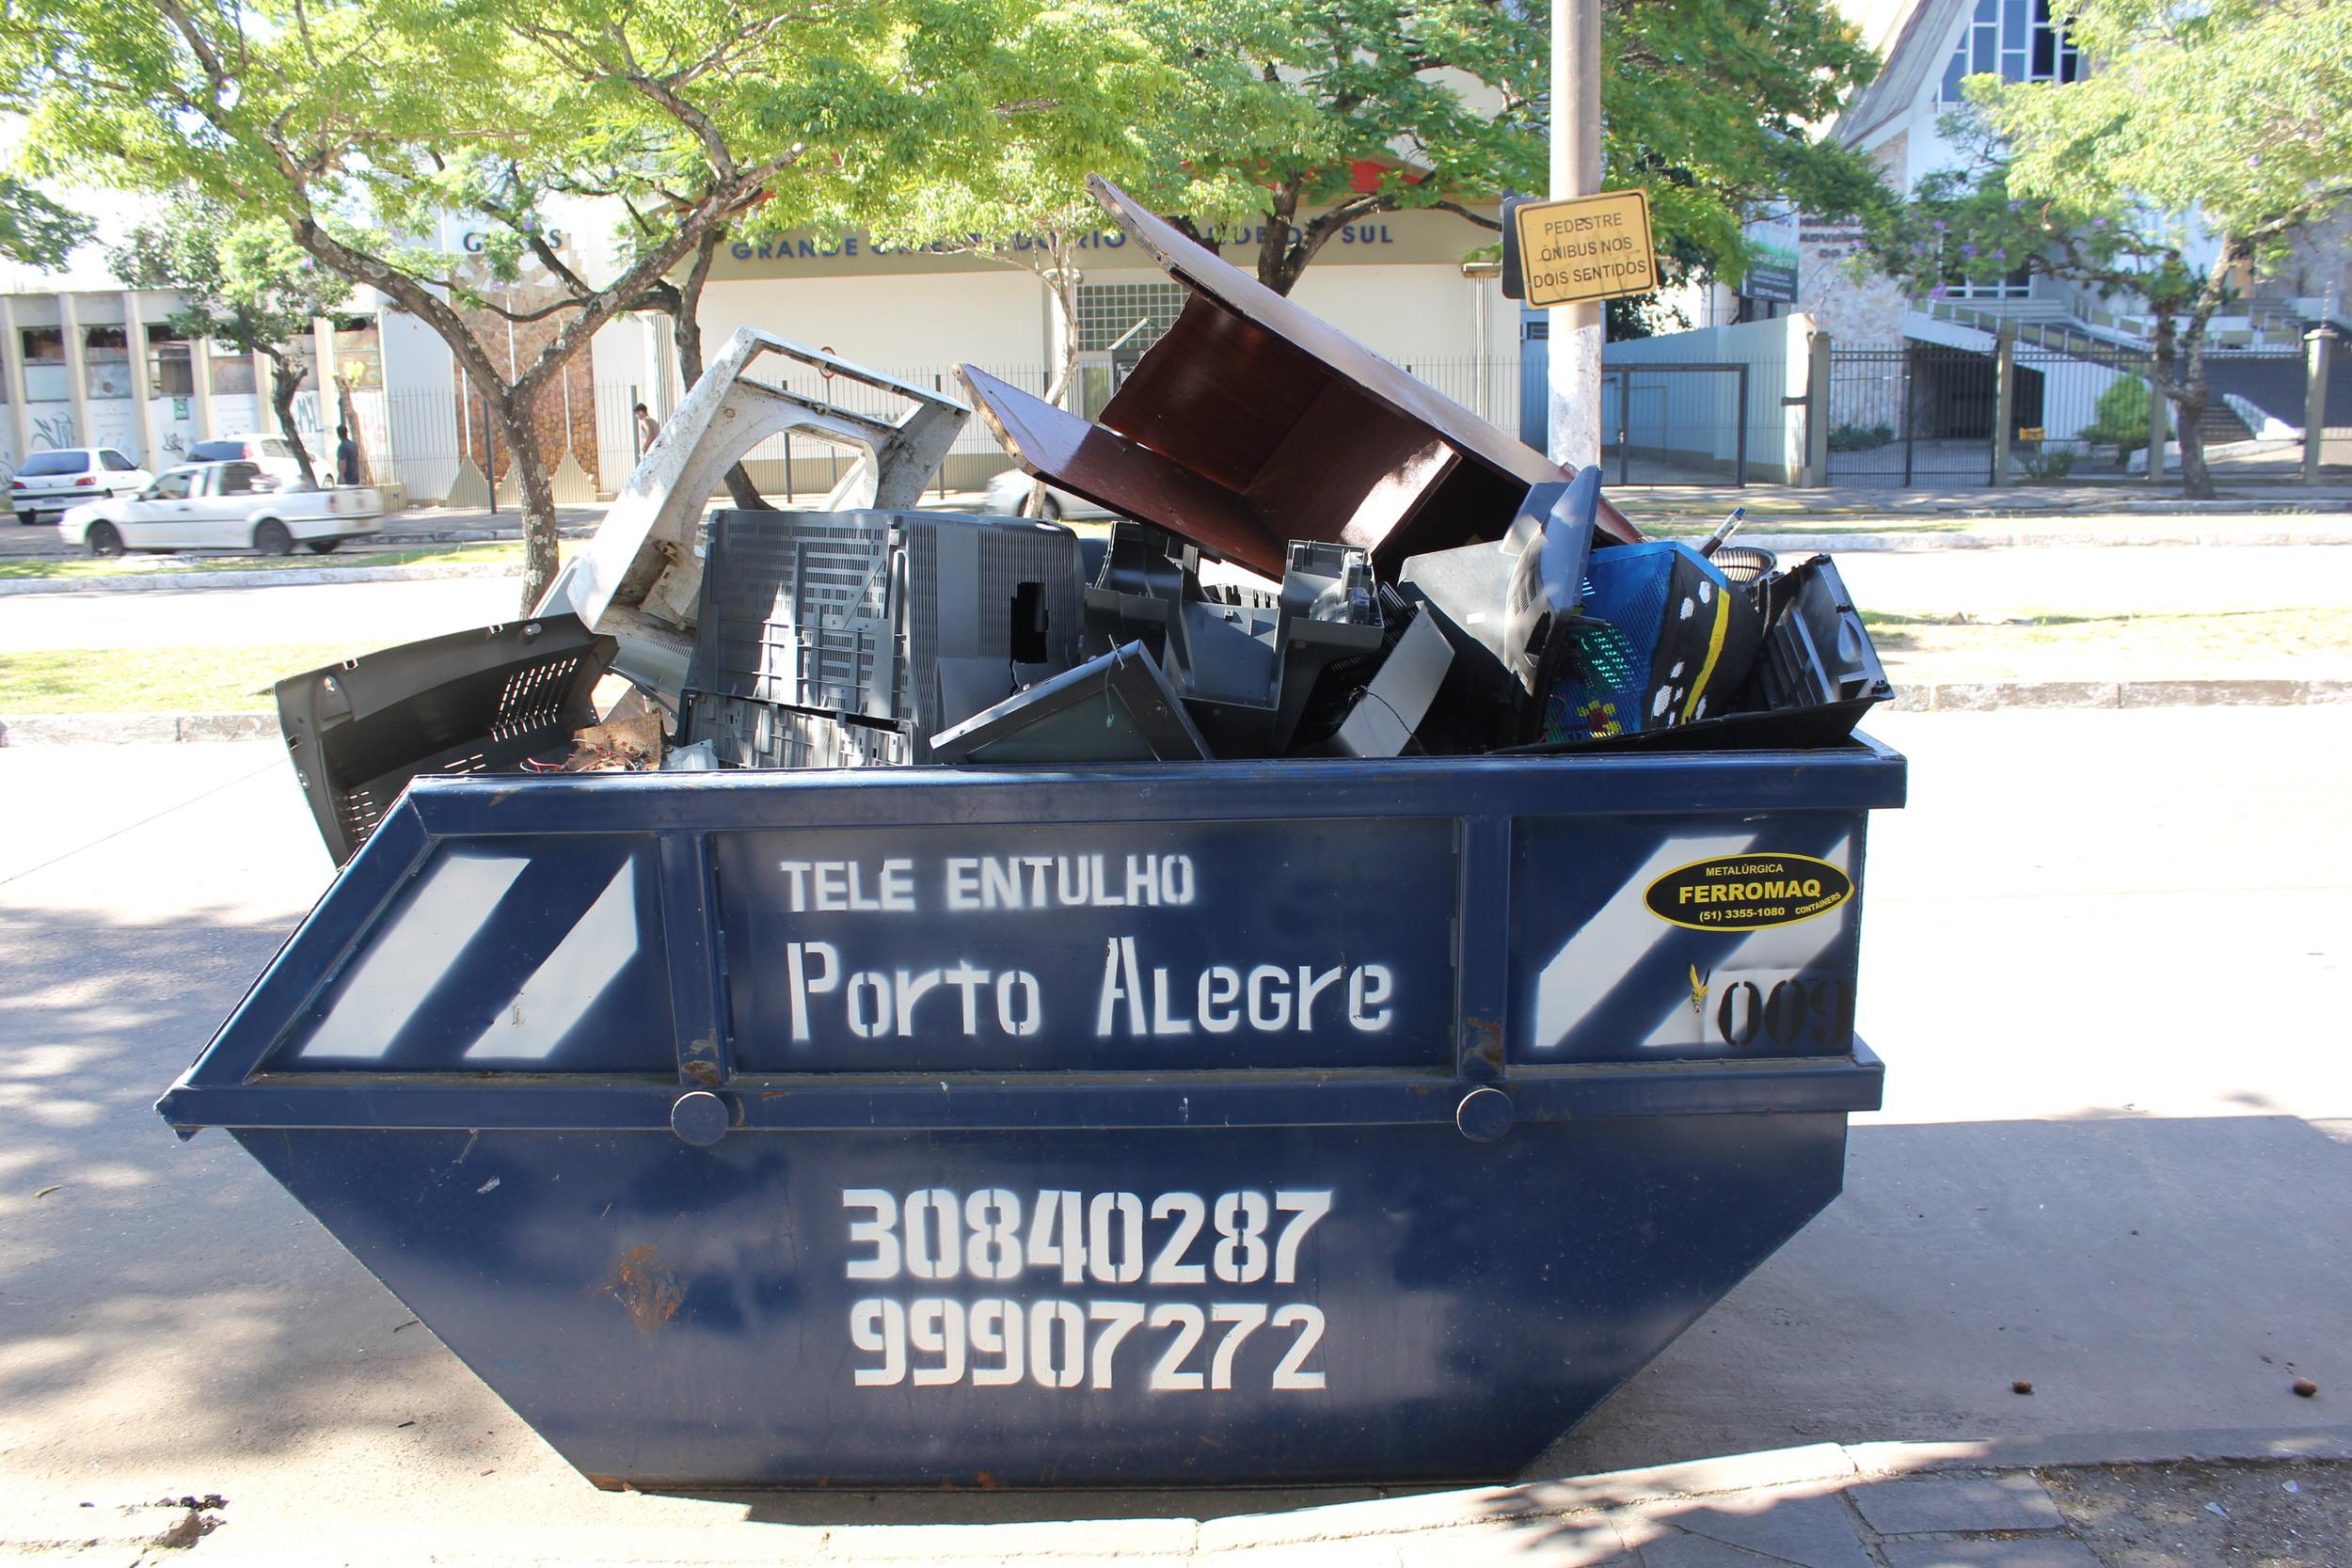 Segundo a Associação Brasileira de Empresas de   Limpeza Pública e Resíduos Especiais (Abrelpe) a produção de   lixo no Brasil cresce a um ritmo maior do que o da população. Nos últimos dez anos, a população do Brasil aumentou 9,65%. No mesmo período, o volume de lixo cresceu mais do que o dobro disso, 21%. O Brasil está virando um país de obsolescência acelerada? Quais as implicações para o futuro?